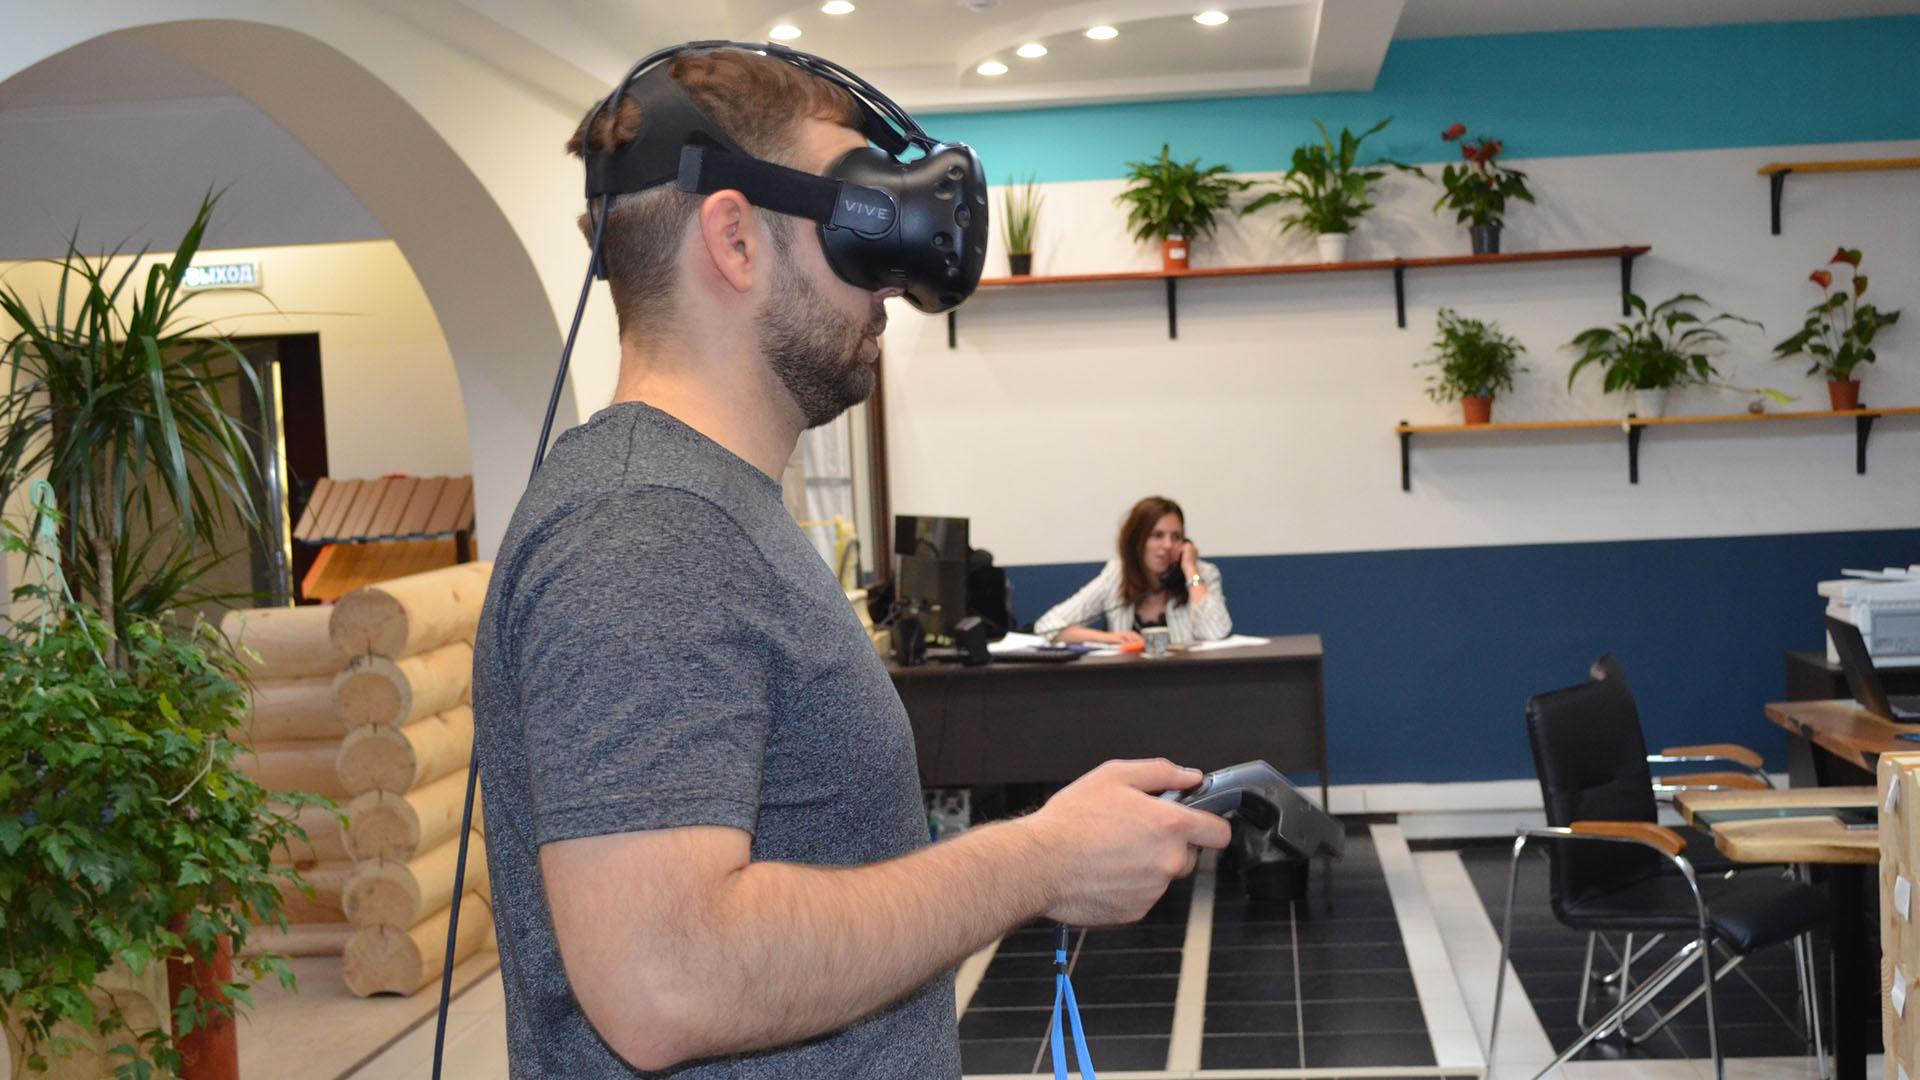 Проект дома в виртуальной реальности